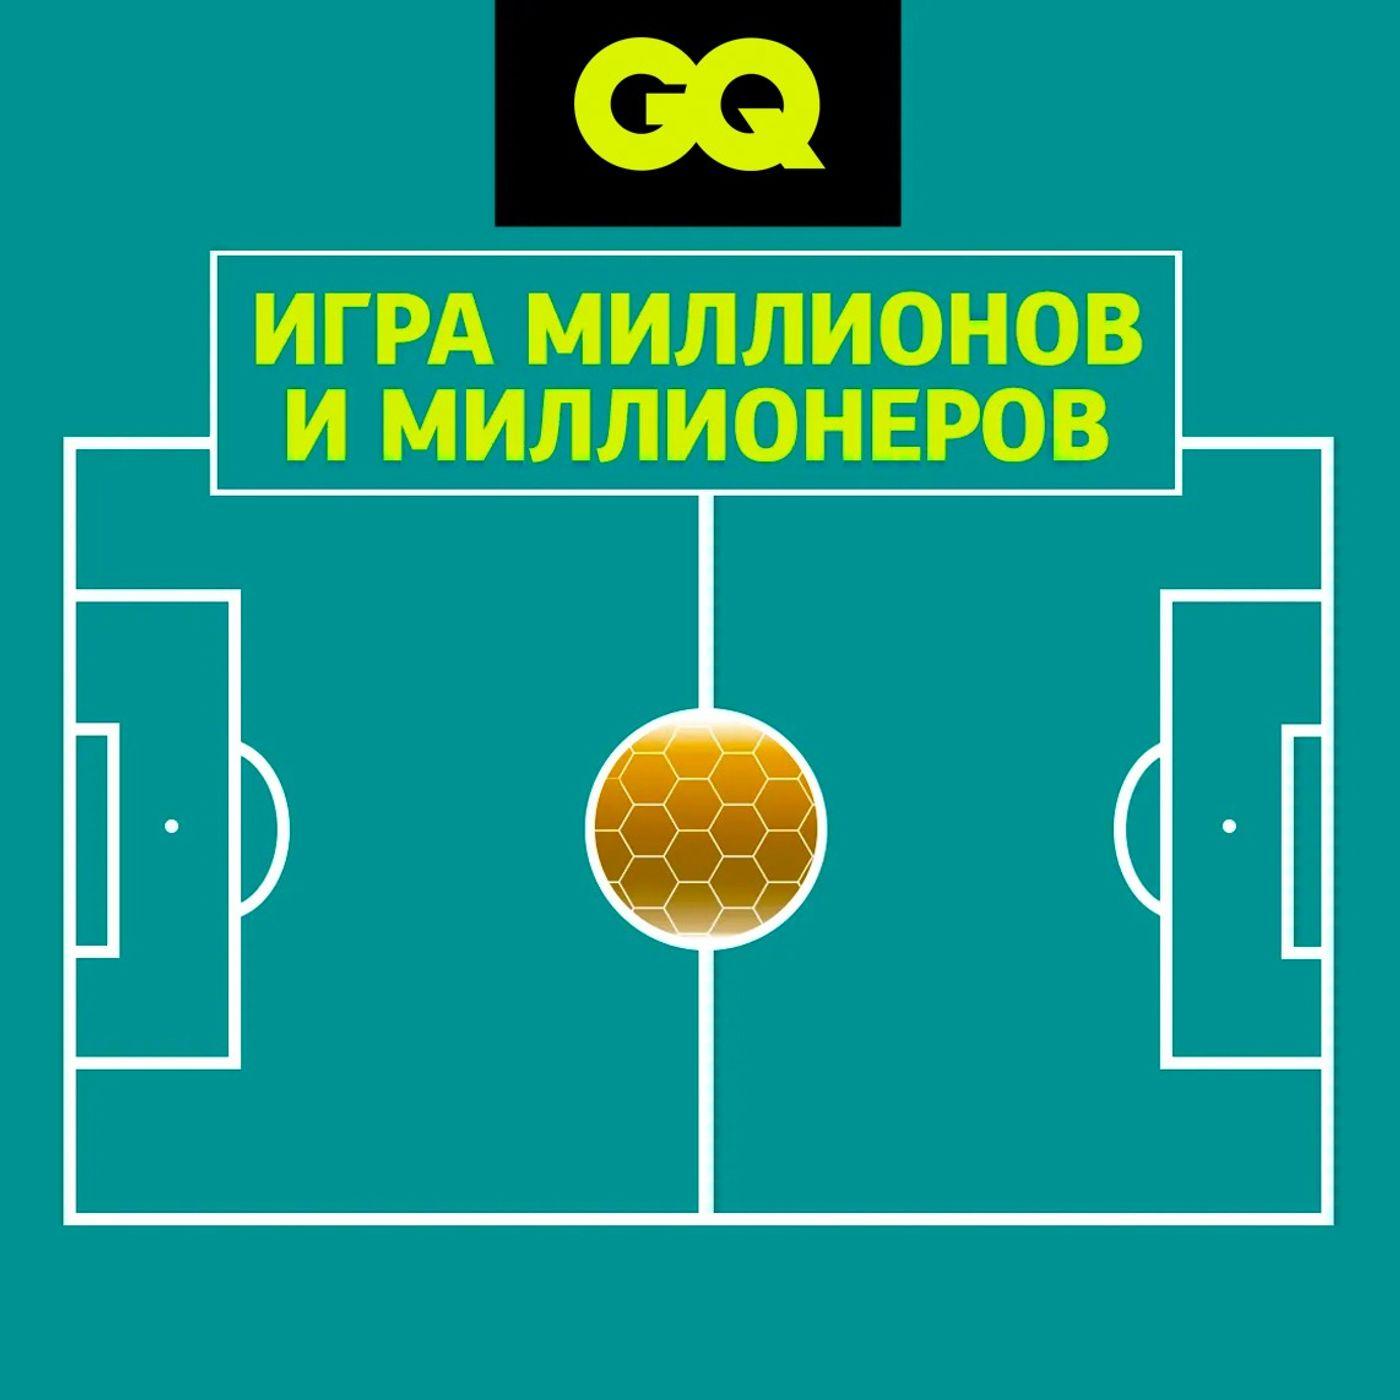 GQ «Игра миллионов и миллионеров»: Дэвид Бекхэм – икона стиля на поле и за его пределами